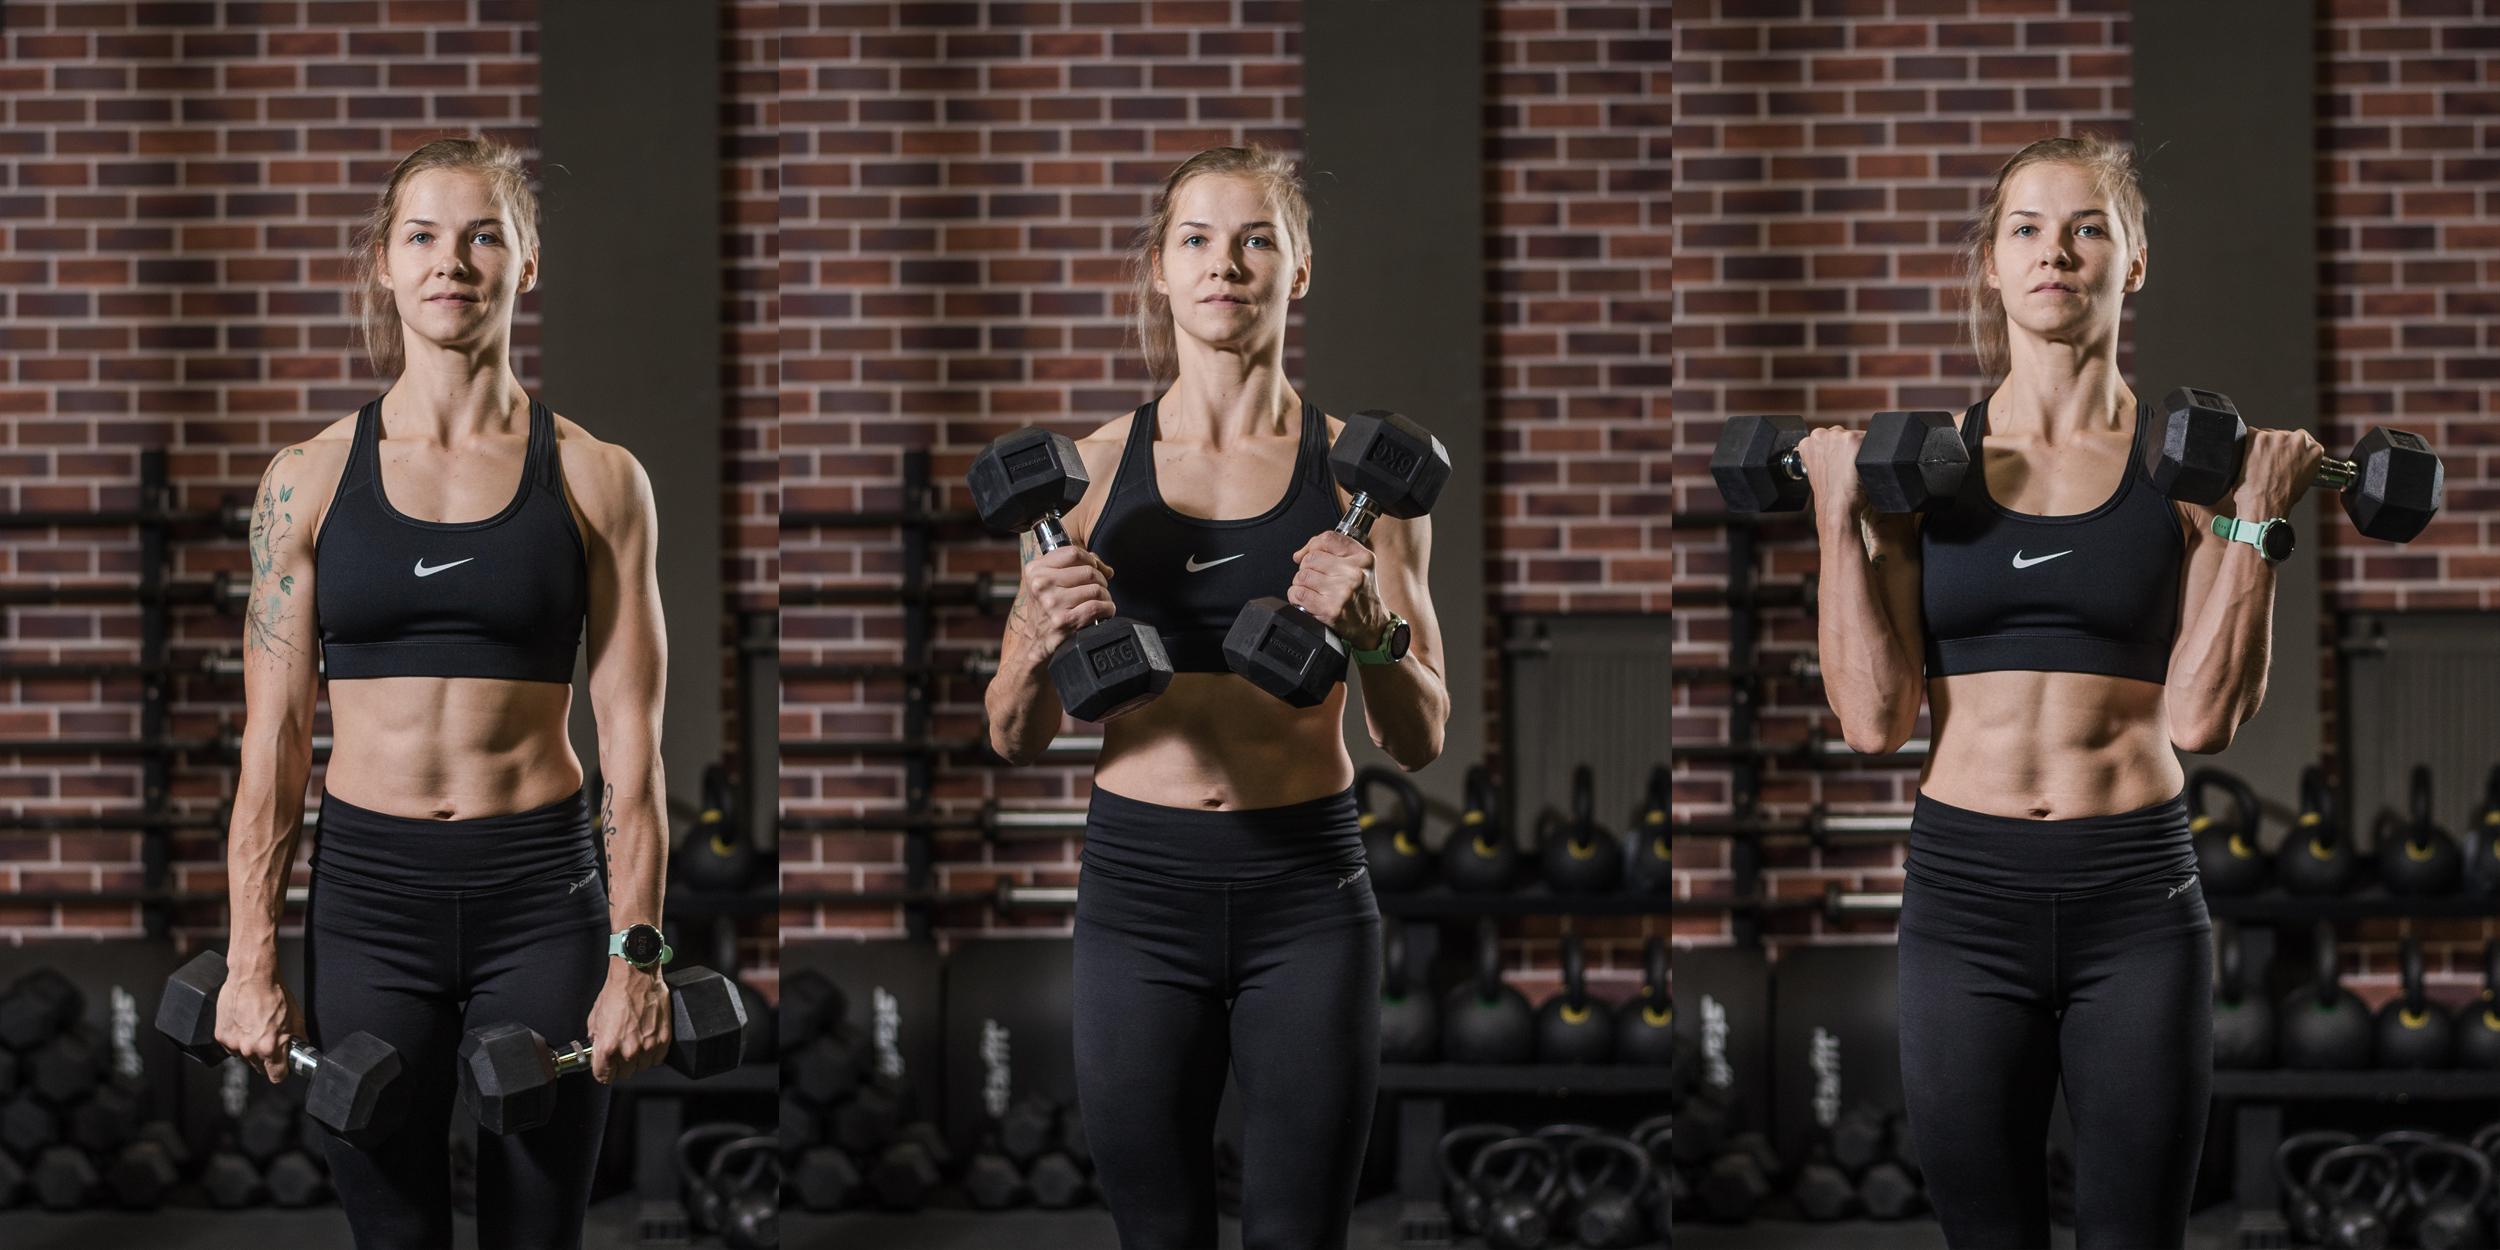 Упражнения с гантелями: кому подходят